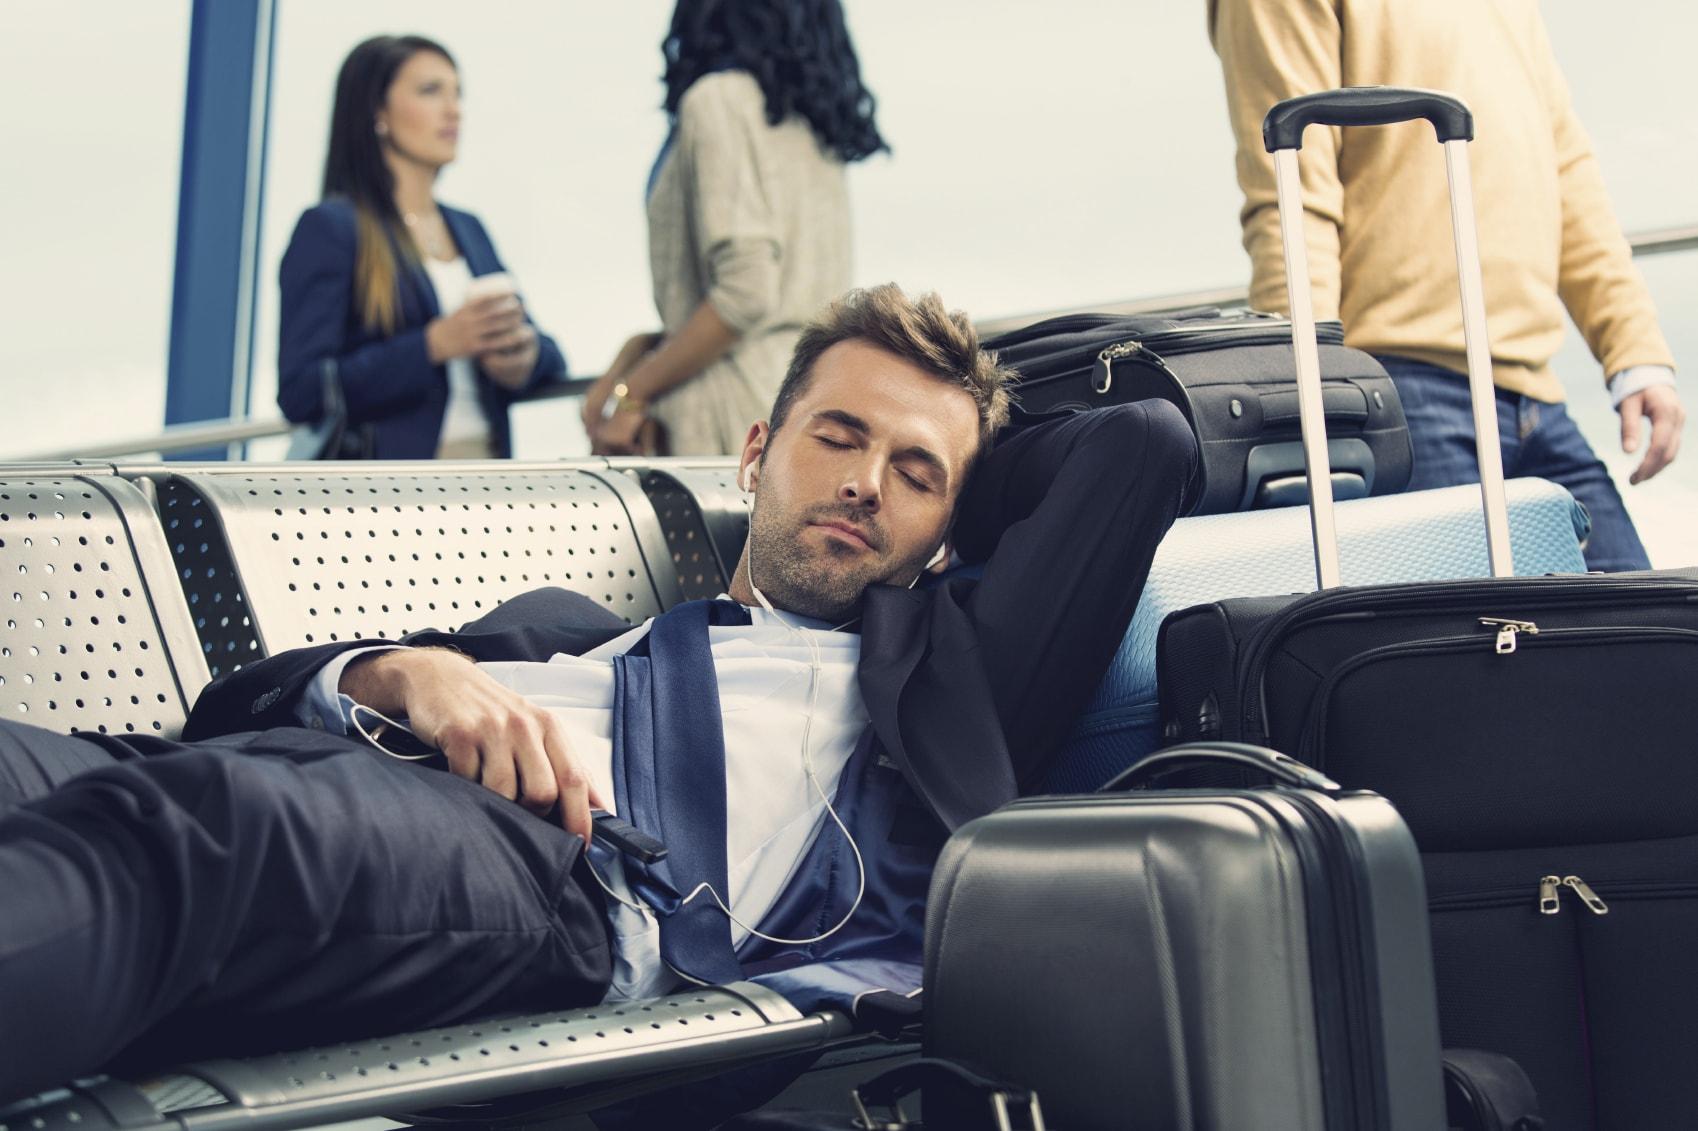 Sleeping on the go